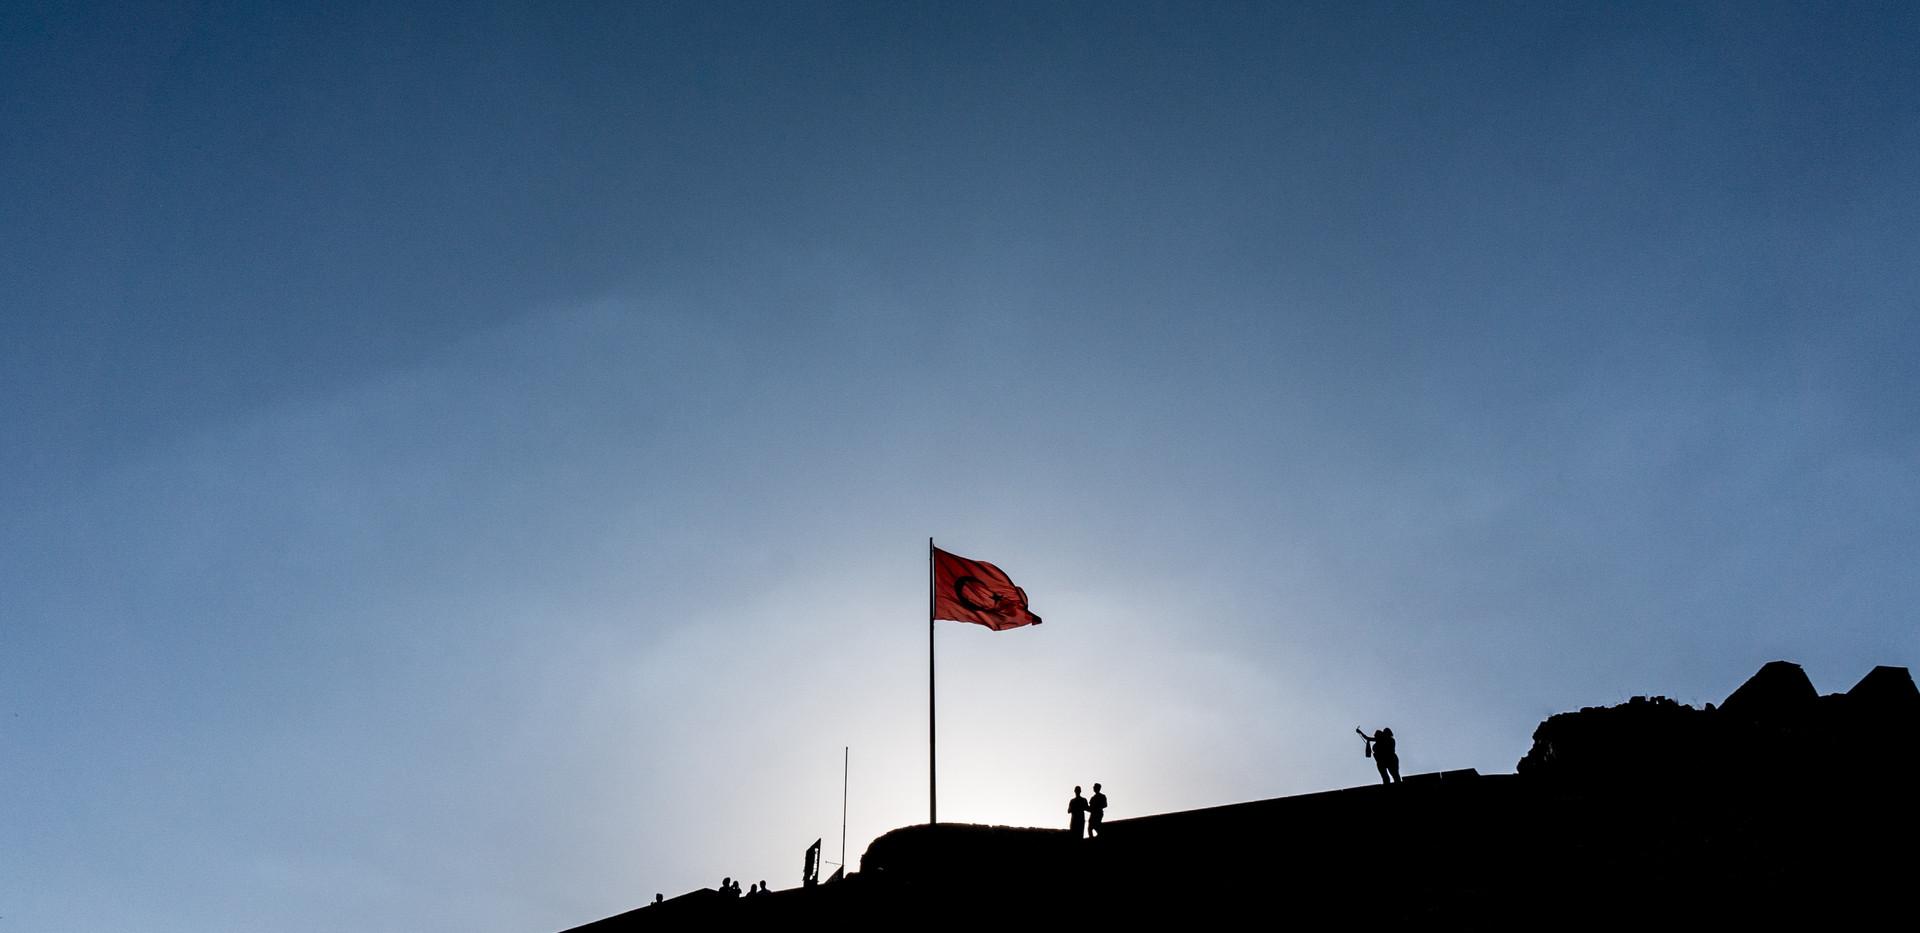 Image by Huseyin Kaya